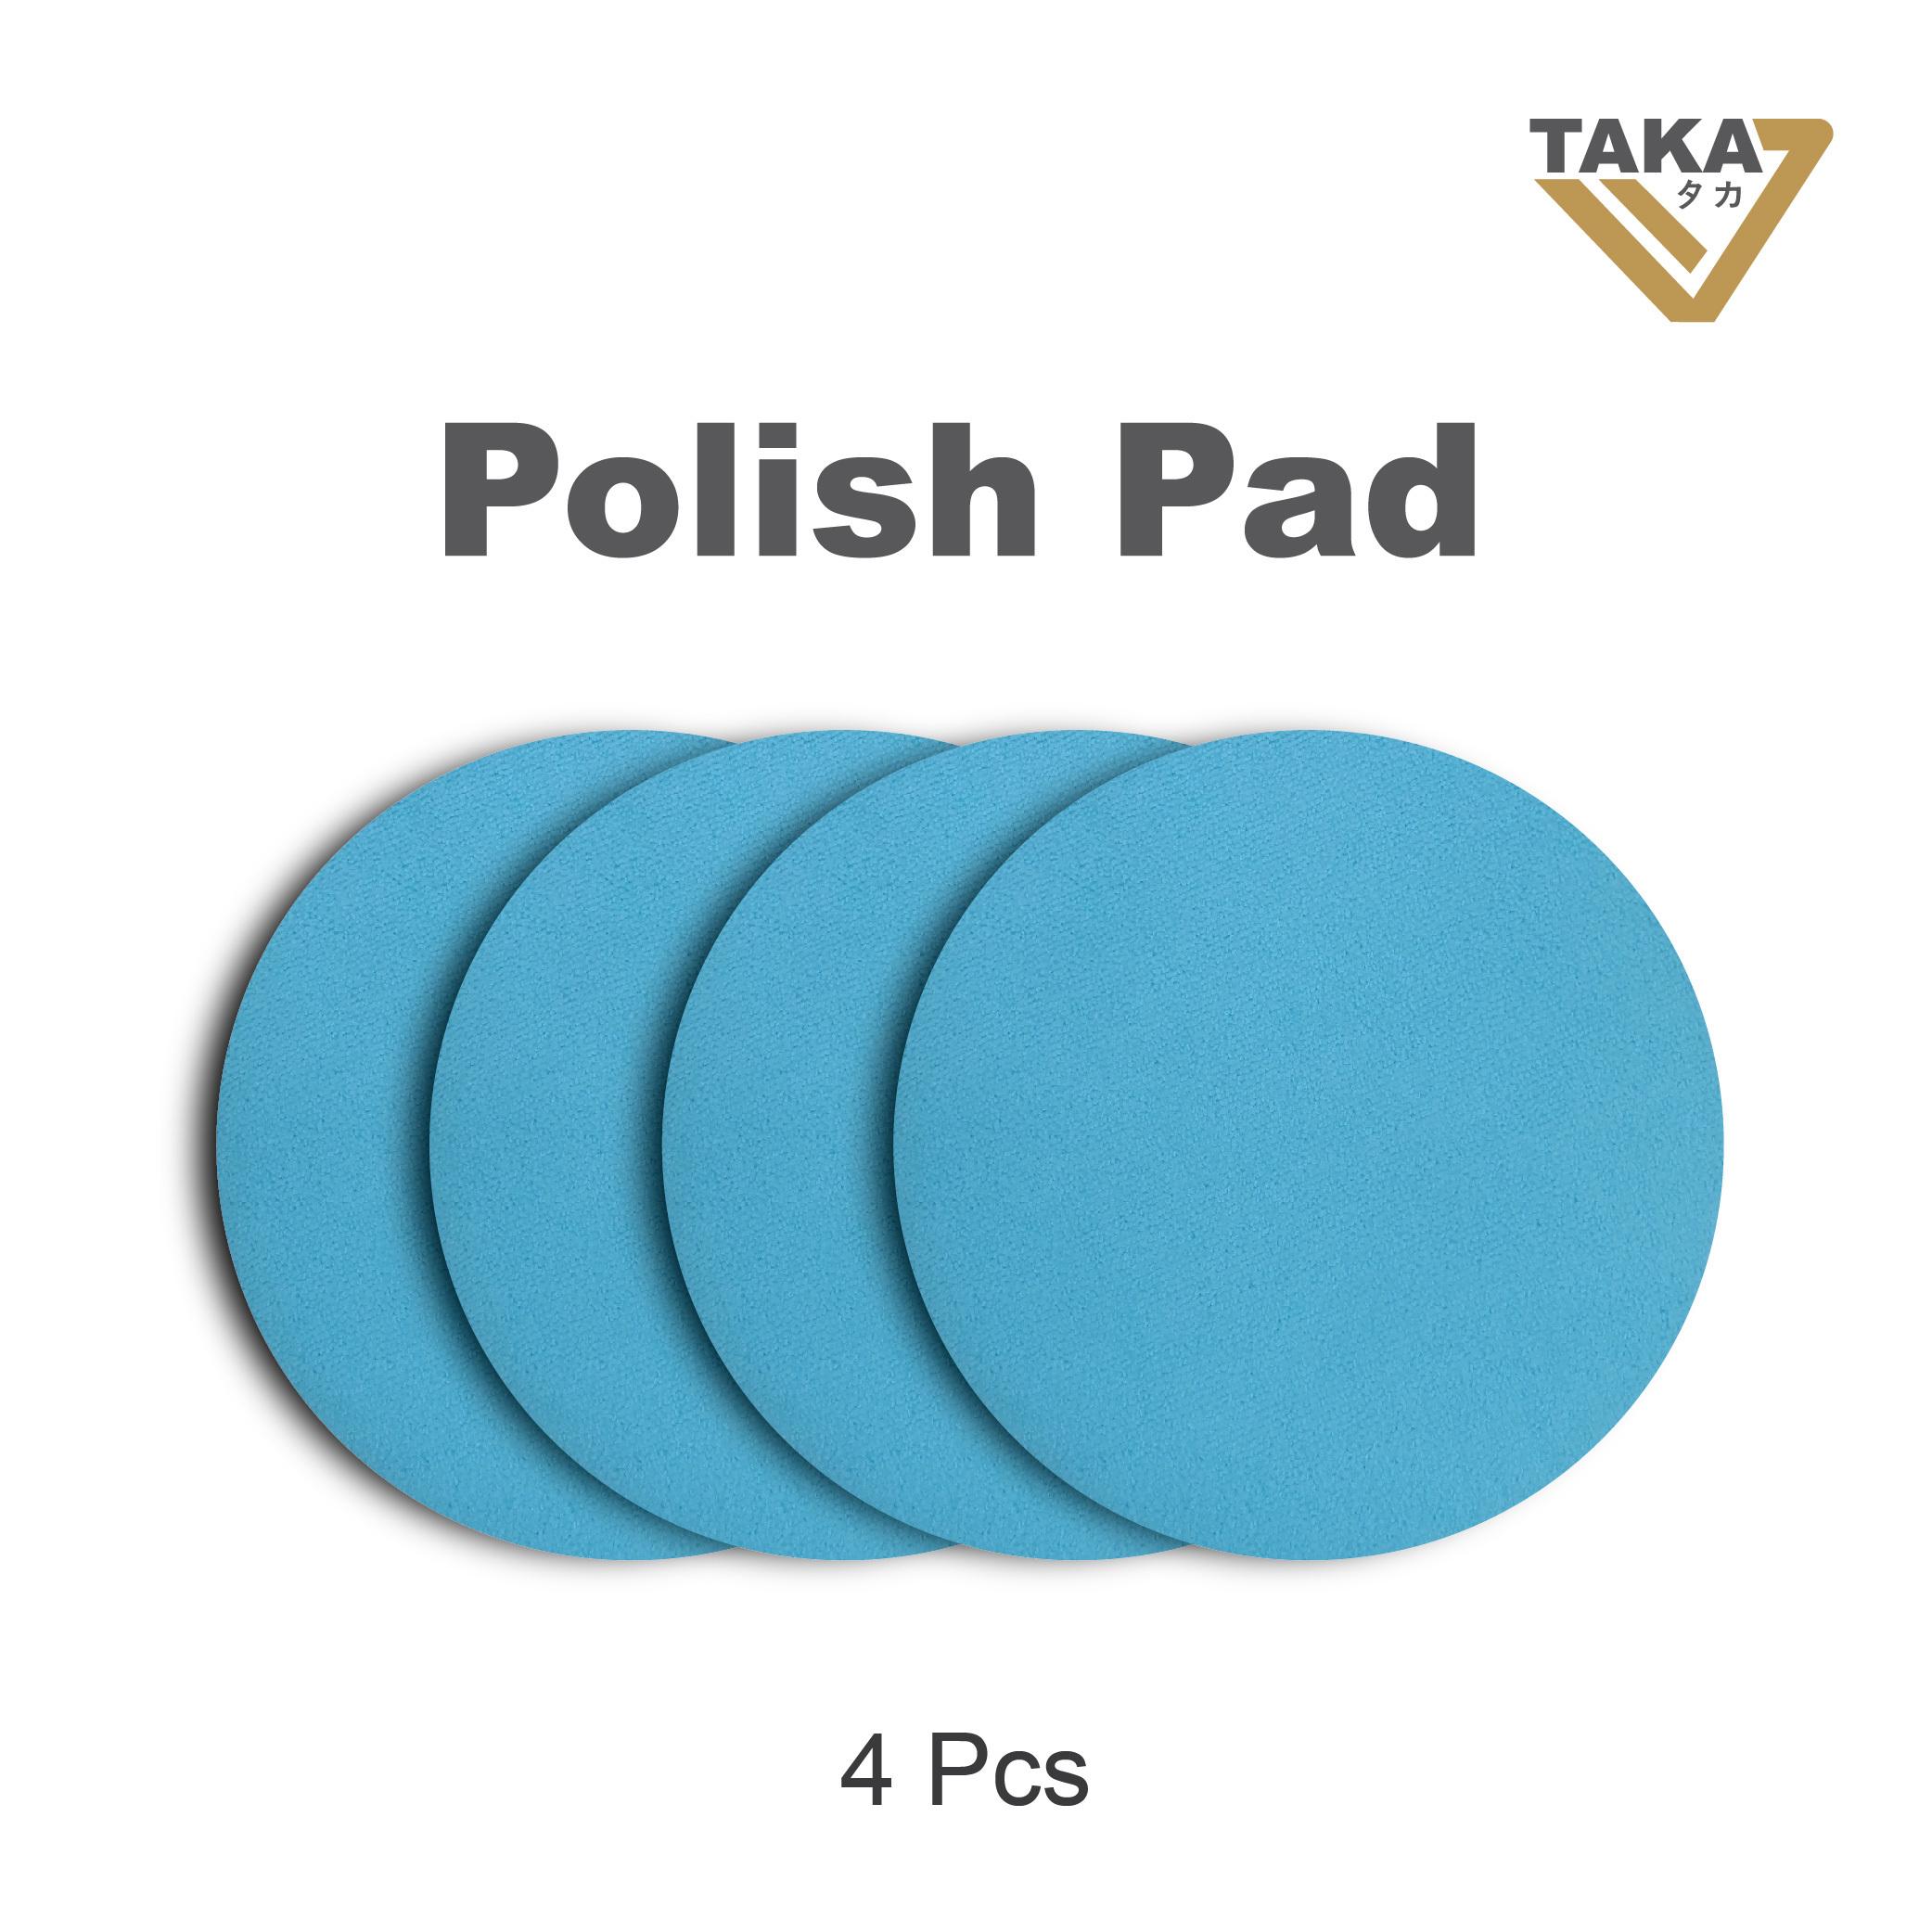 2018-04-27 Pad price-08.jpg